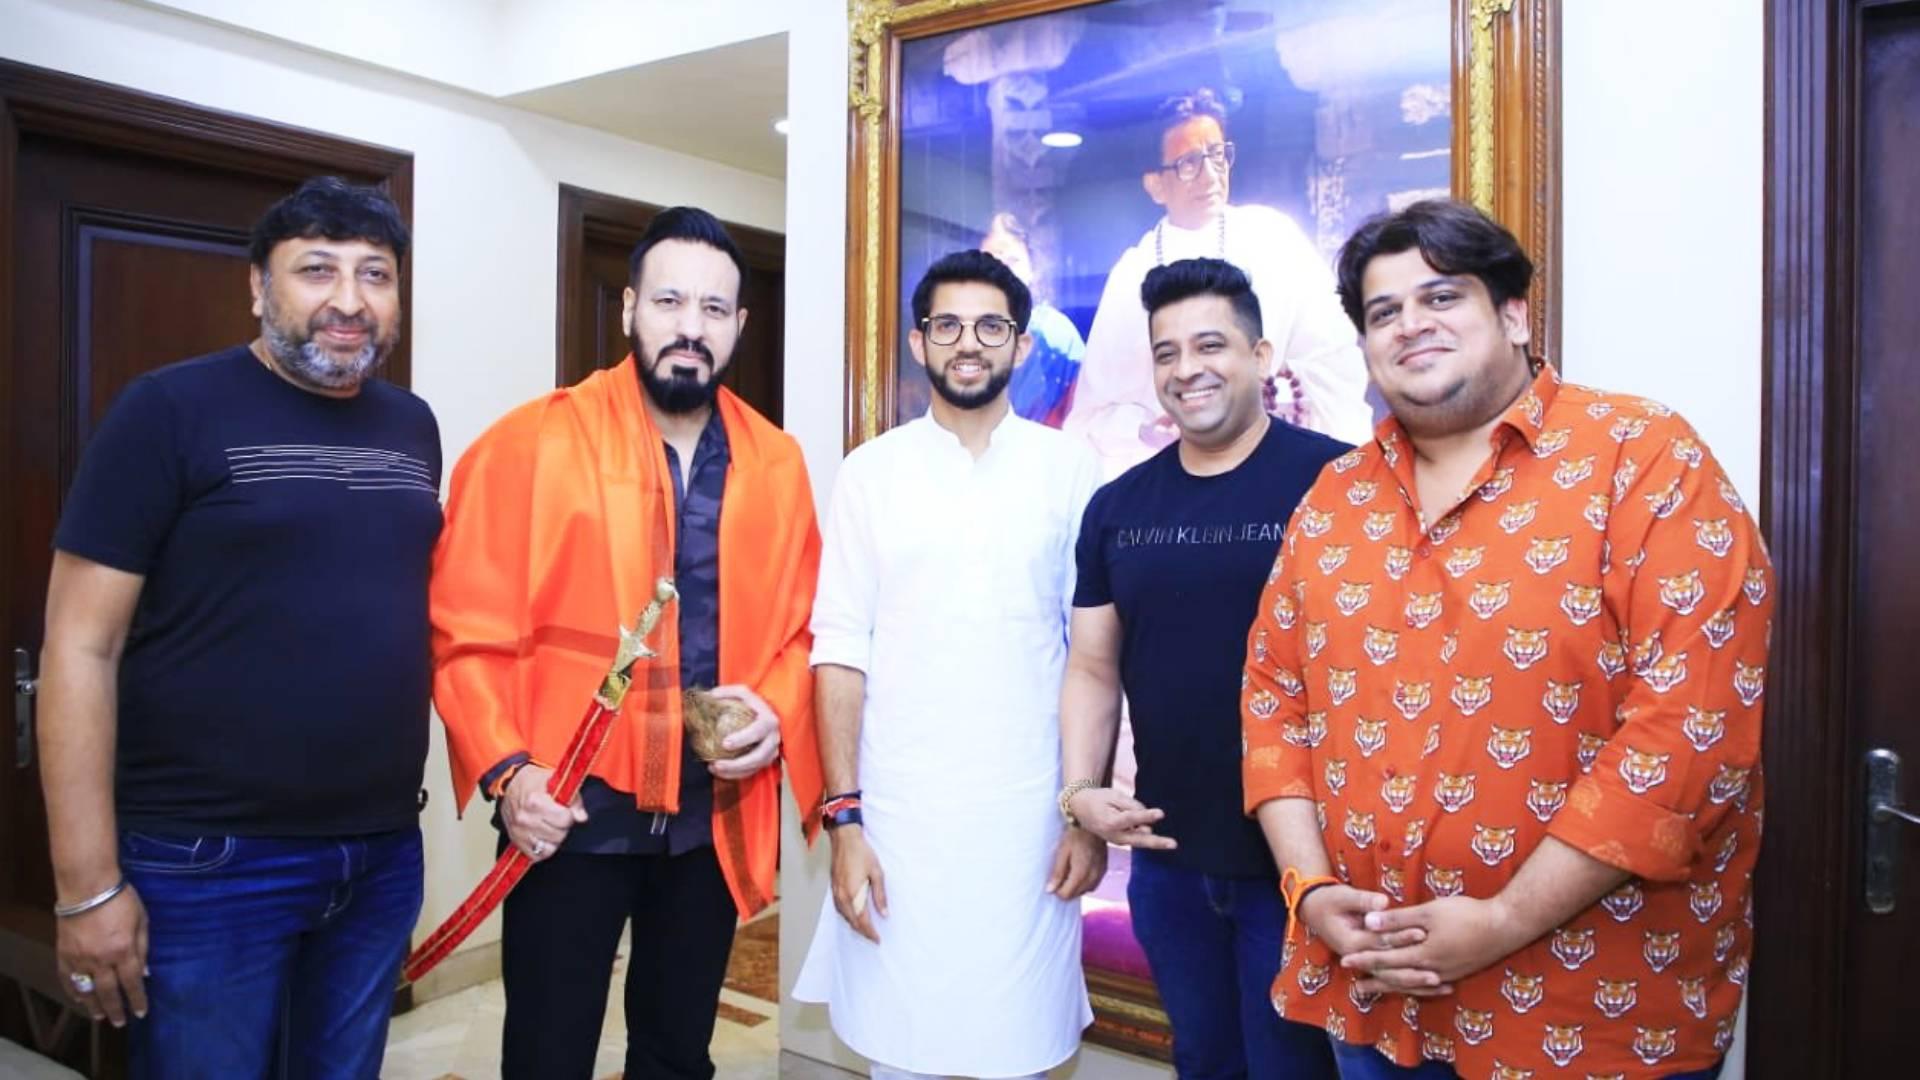 Maharashtra Elections: सलमान खान के बॉडीगार्ड शेरा शिवसेना में हुए शामिल, उद्धव ठाकरे ने किया जोरदार स्वागत